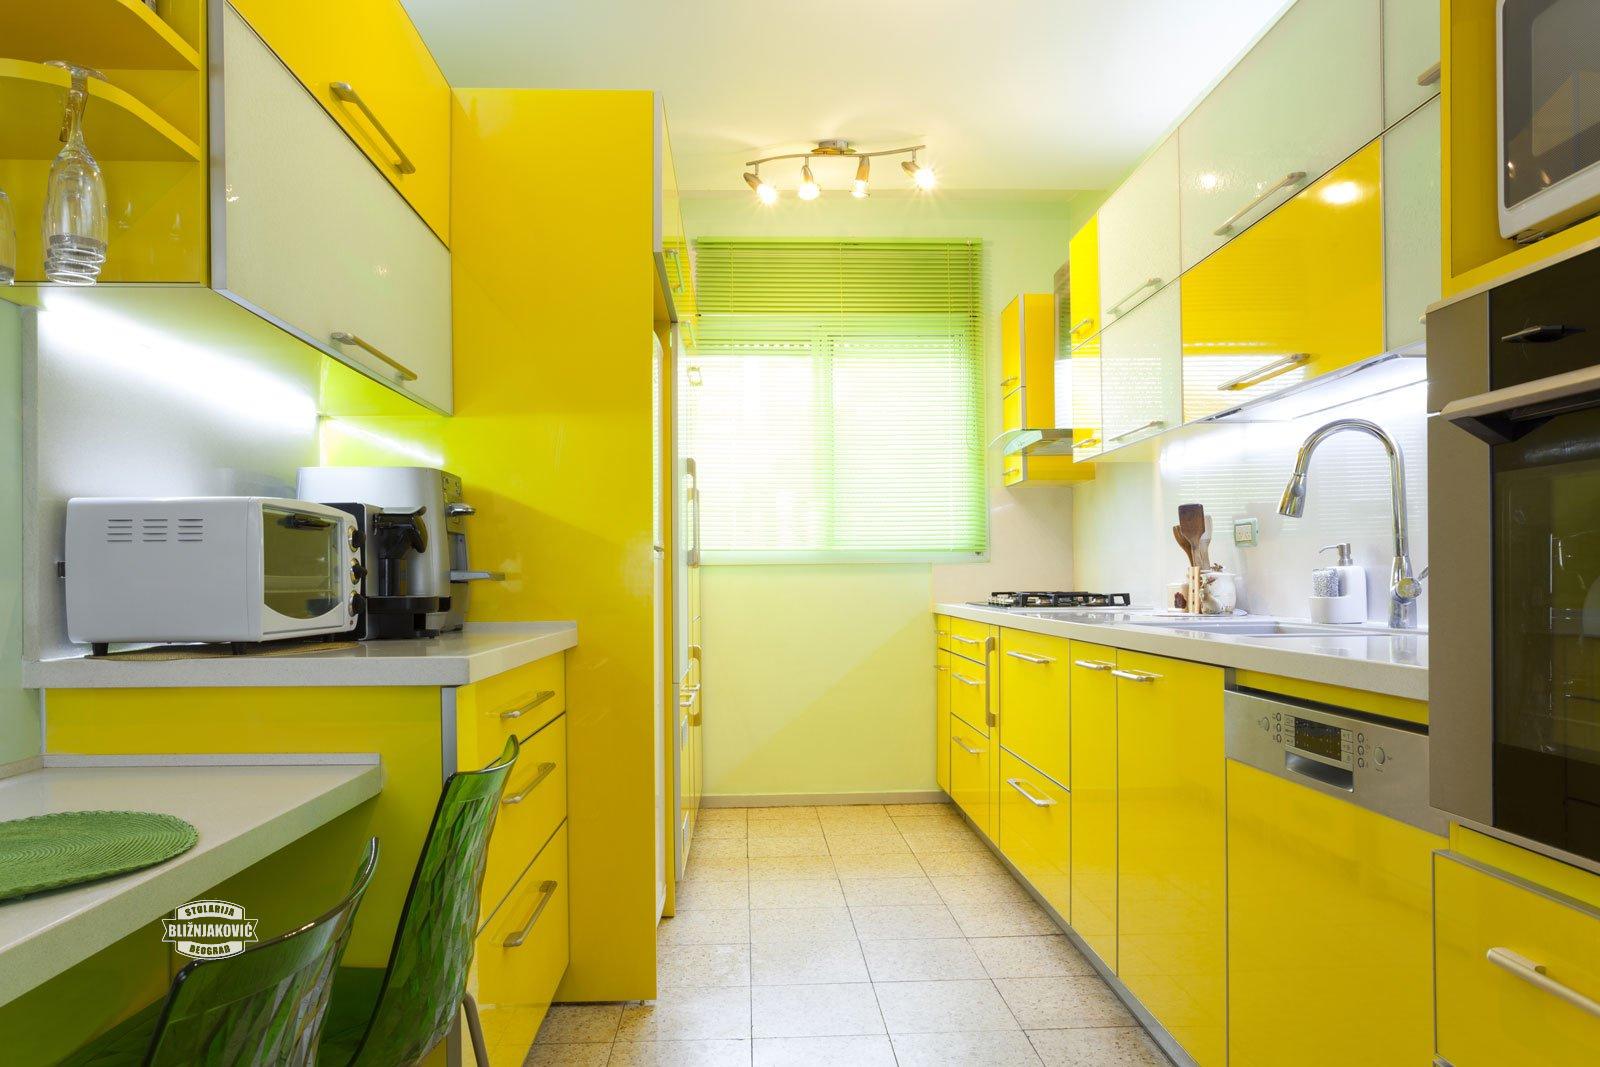 Kuhinje i Trpezarije po meri